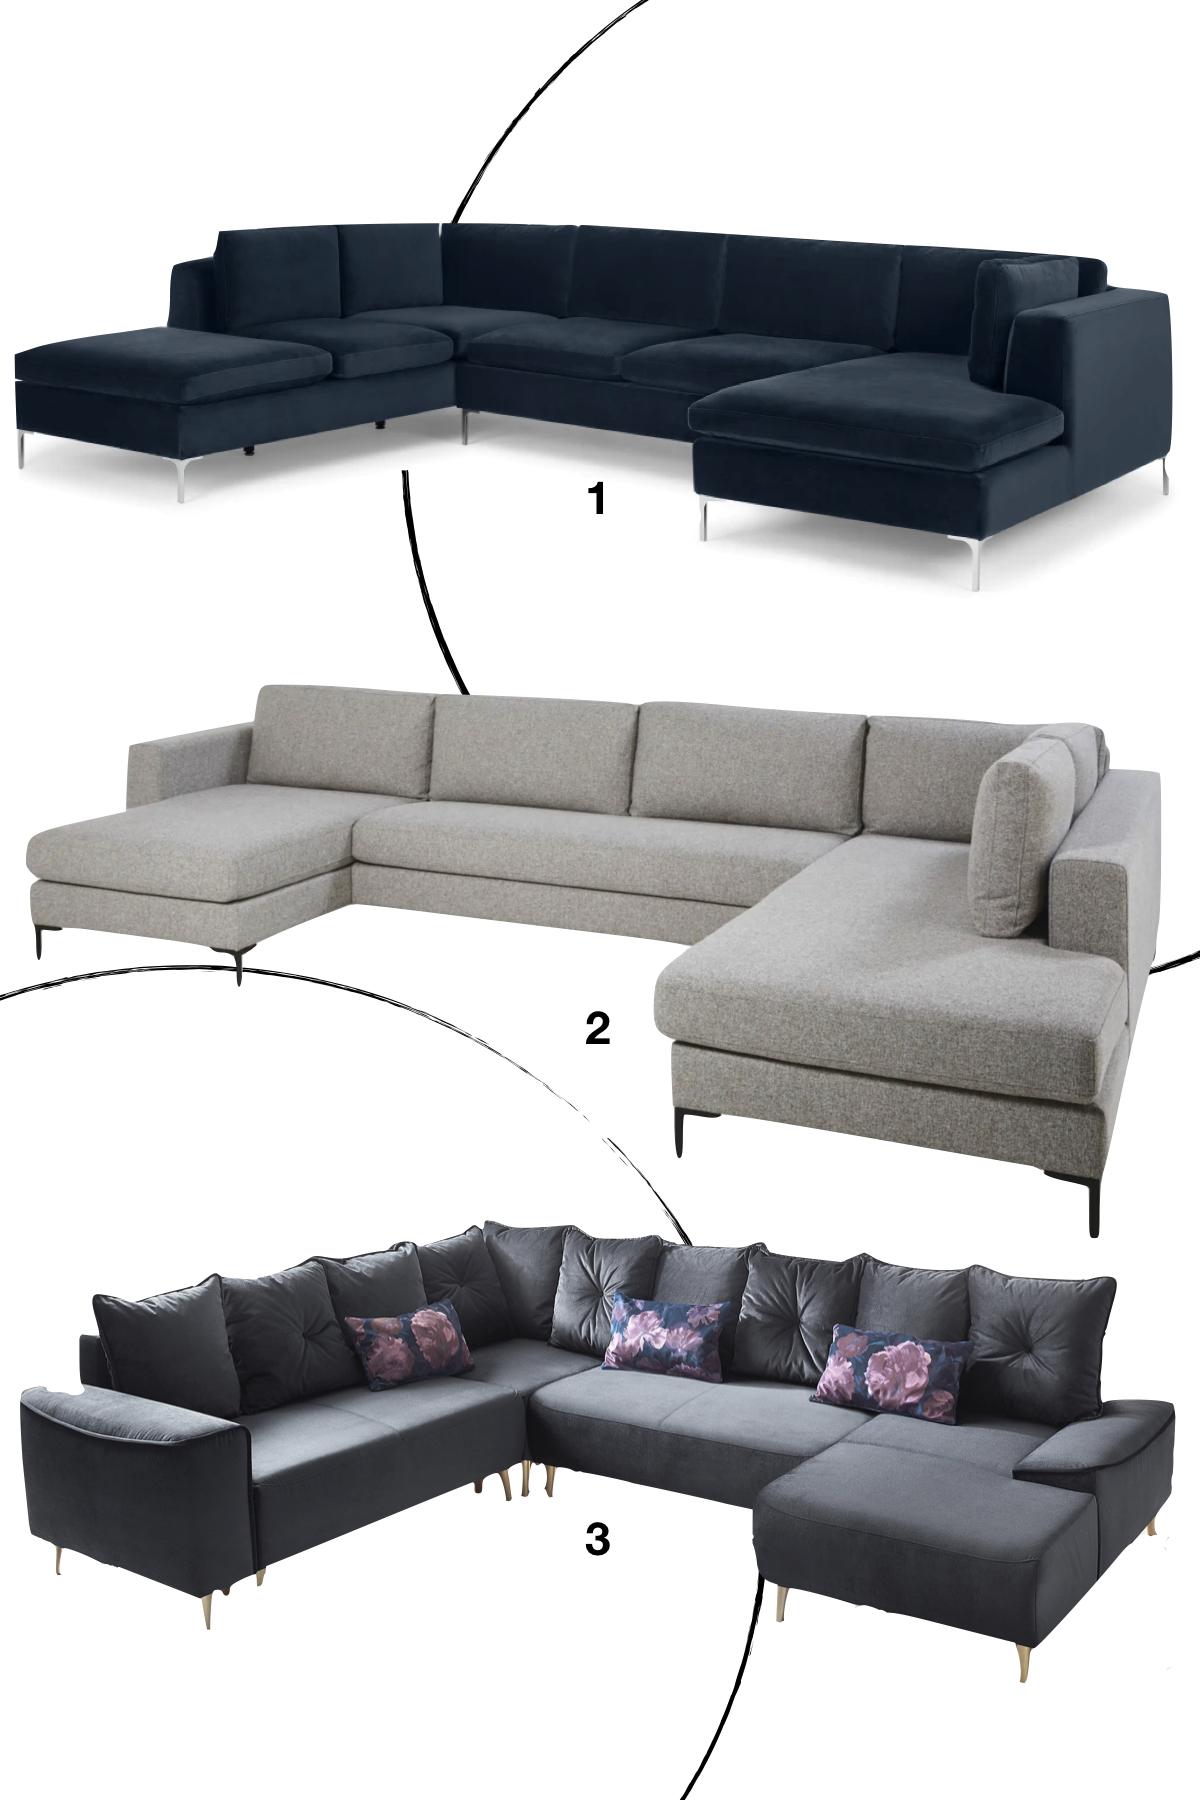 shopping liste design sofa velours tissu style minimaliste épuré tendance - blog déco - clematc